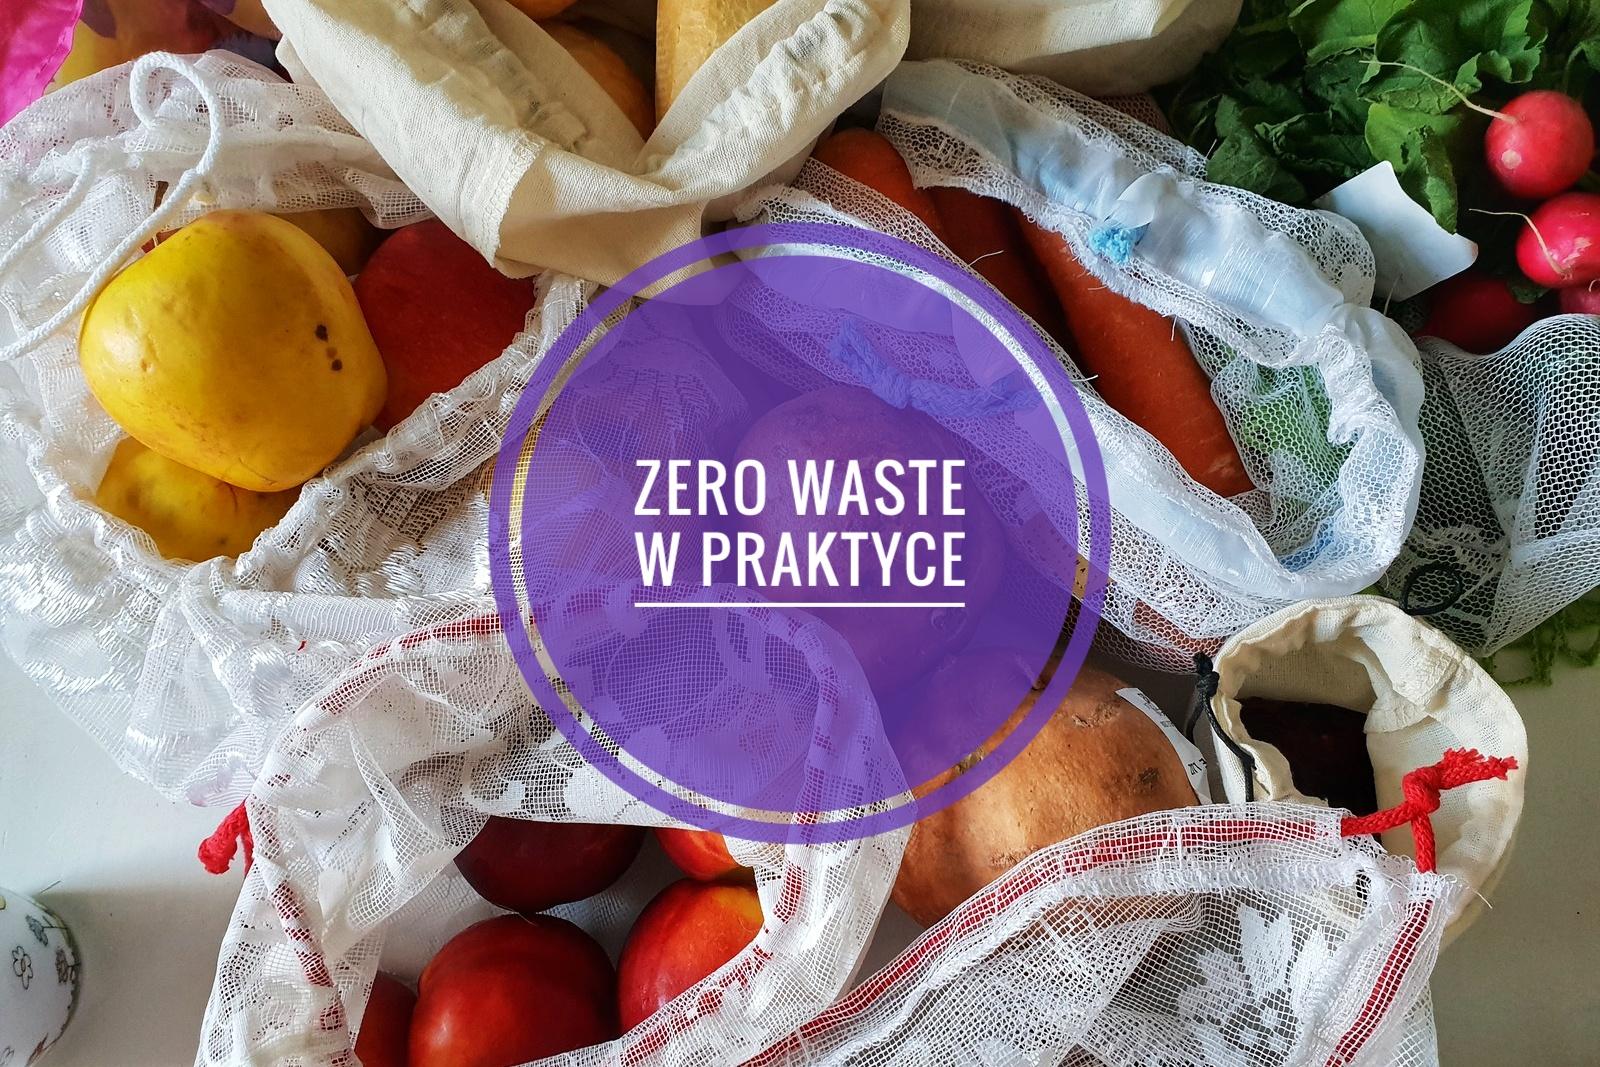 Zero waste w praktyce